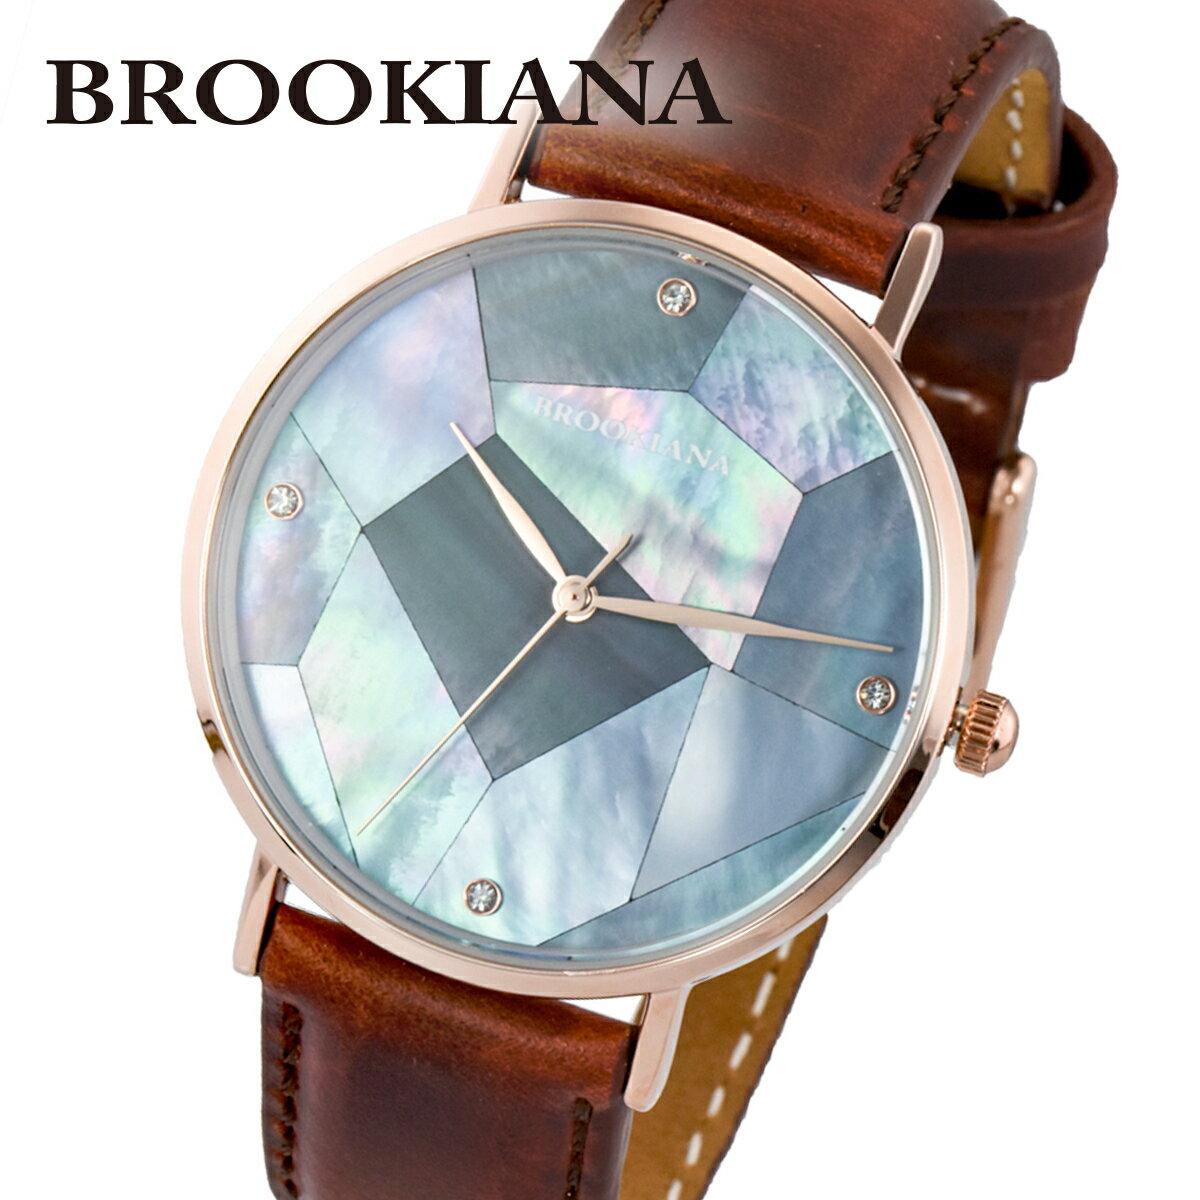 ブルッキアーナ BROOKIANA ROUND SLIM PEARL BA3101-RPBLBR メンズ 時計 腕時計 クオーツ